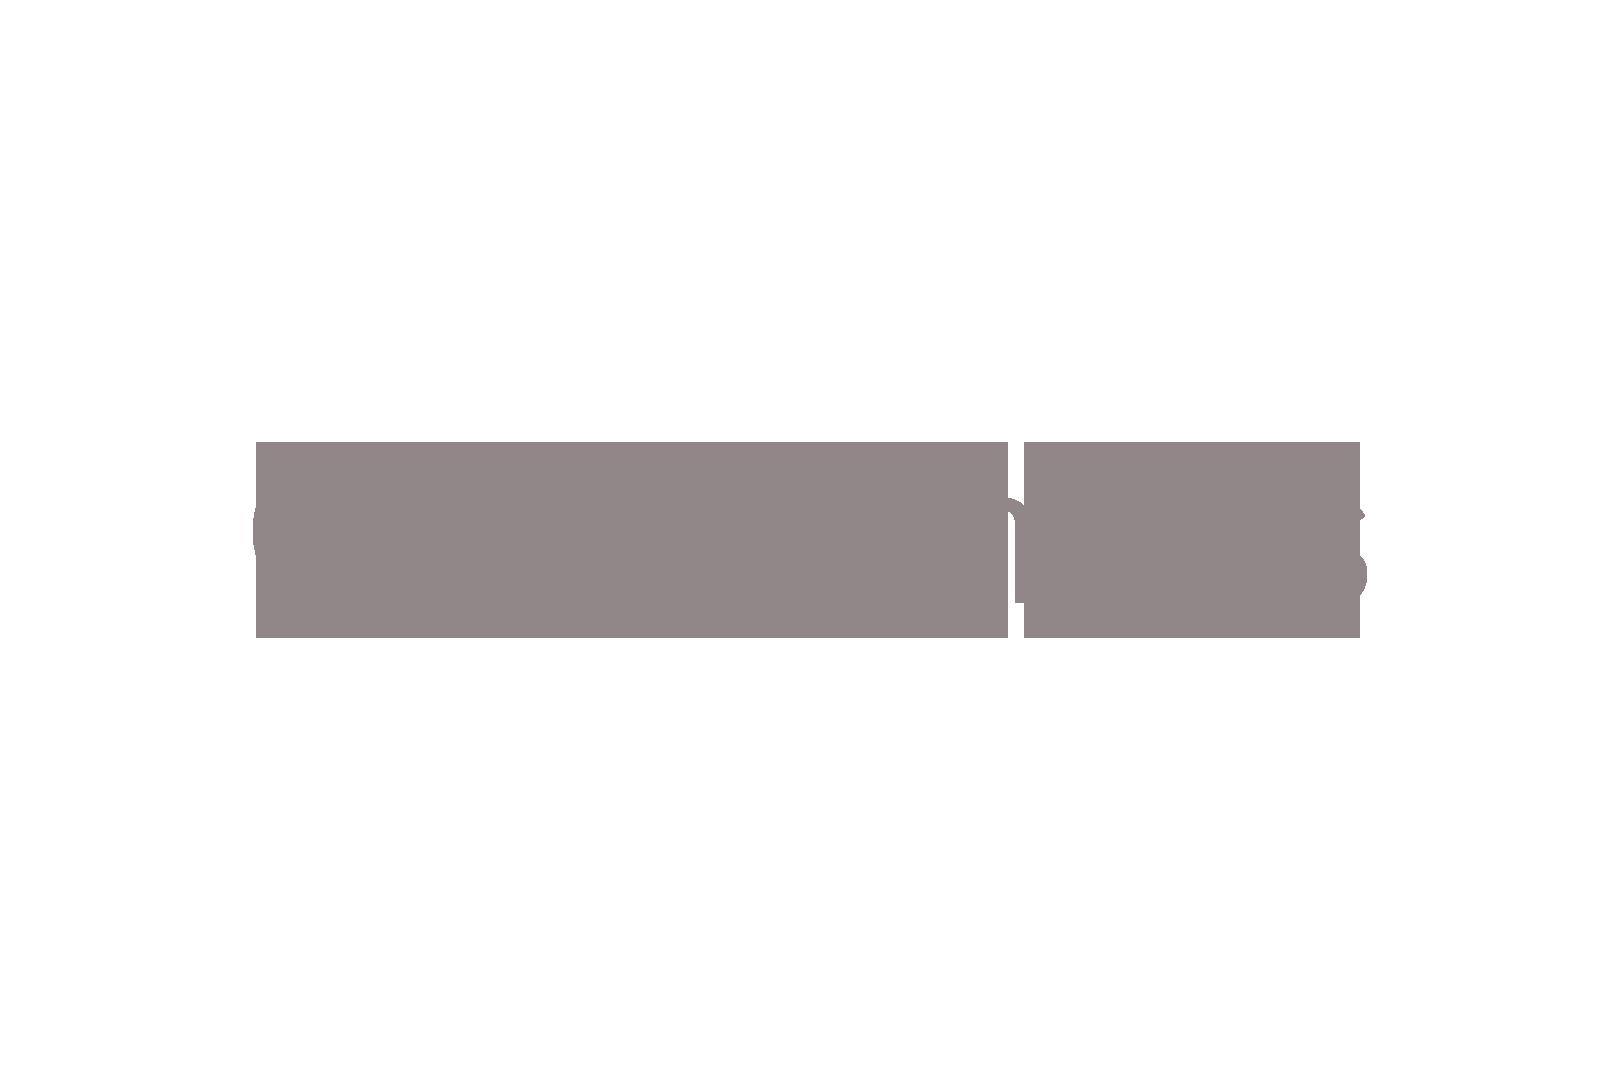 blokstudio_010_styleshoots_logo